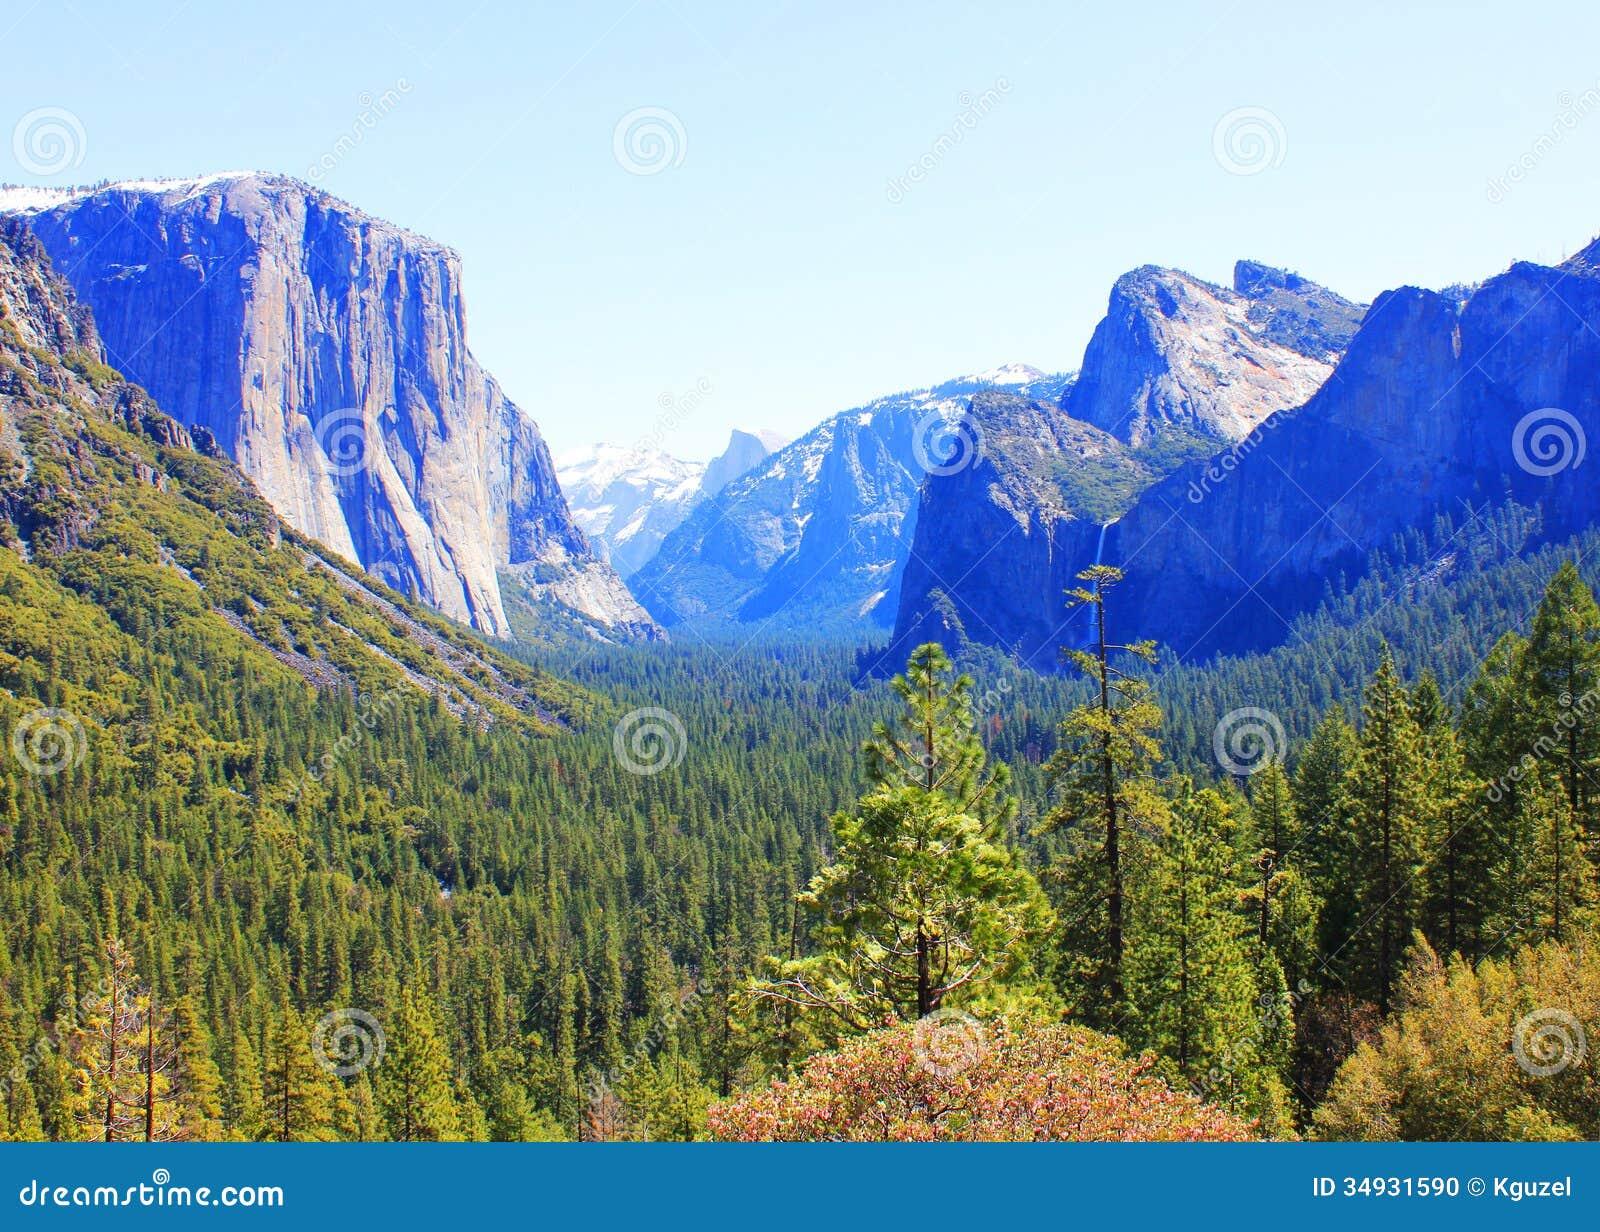 Yosemite National Park California USA. Landscape Stock Photo - Image 34931590